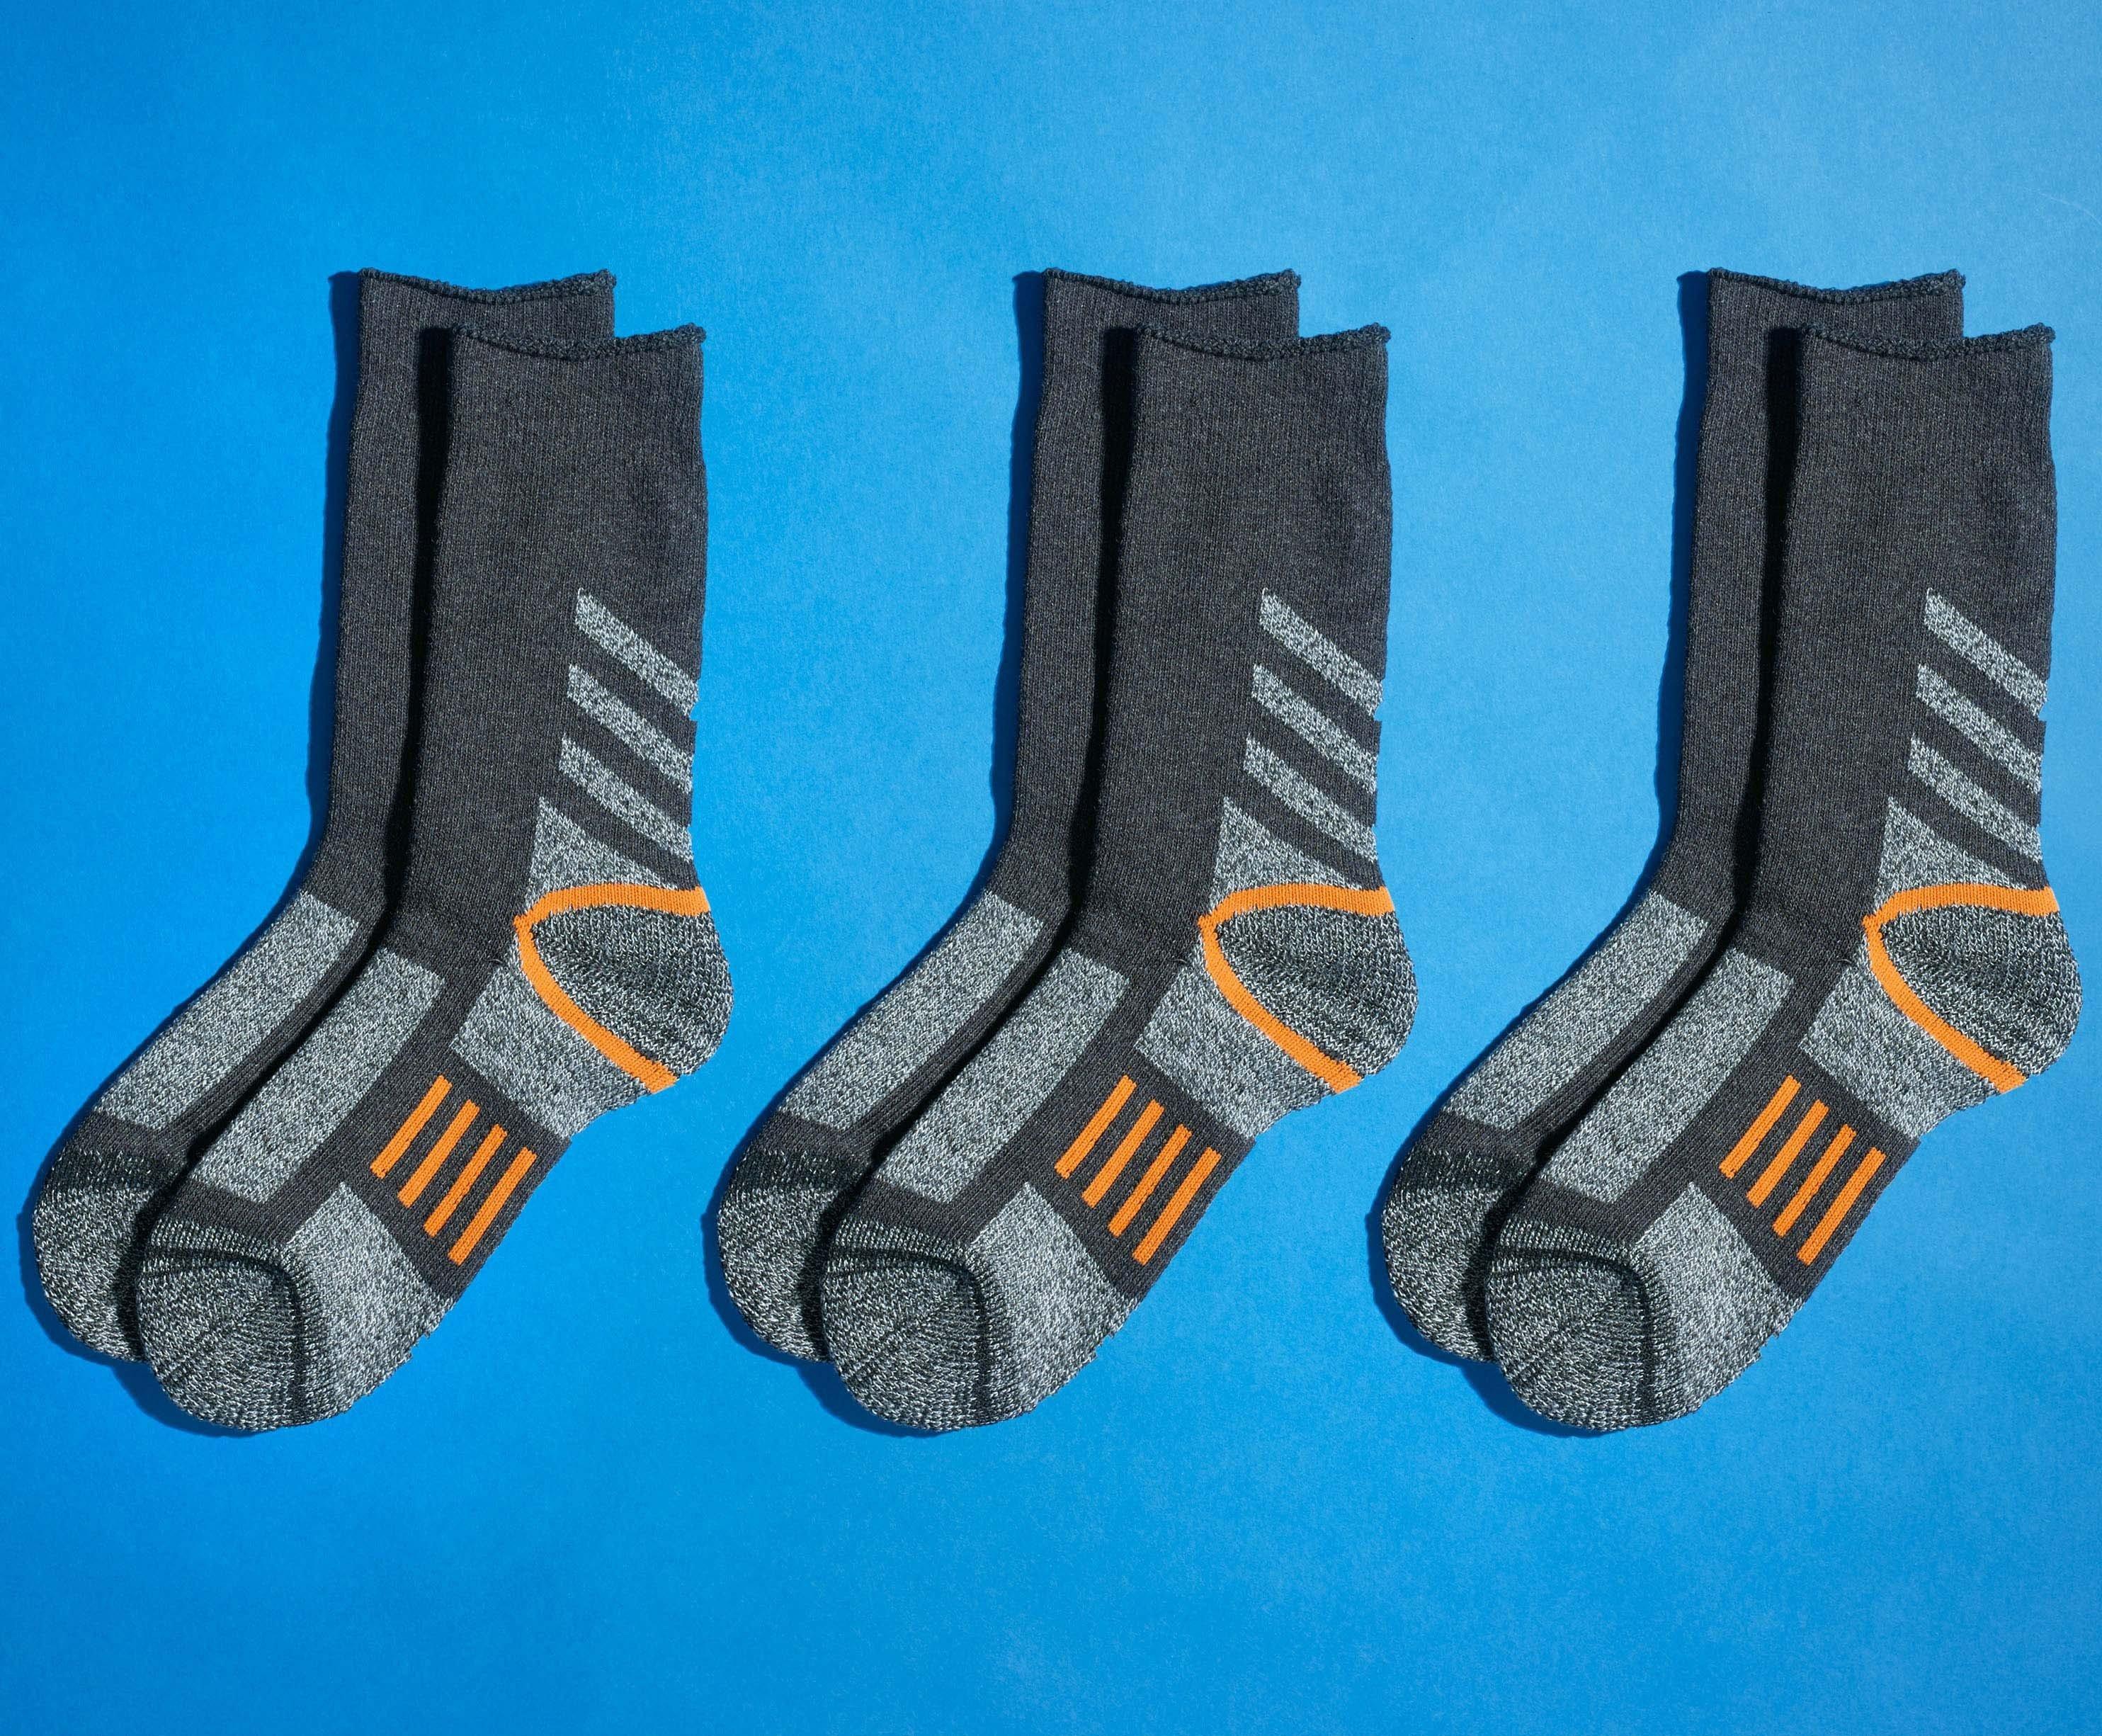 Trekking-Socken mit Zonenverstärkung, 3 Stück